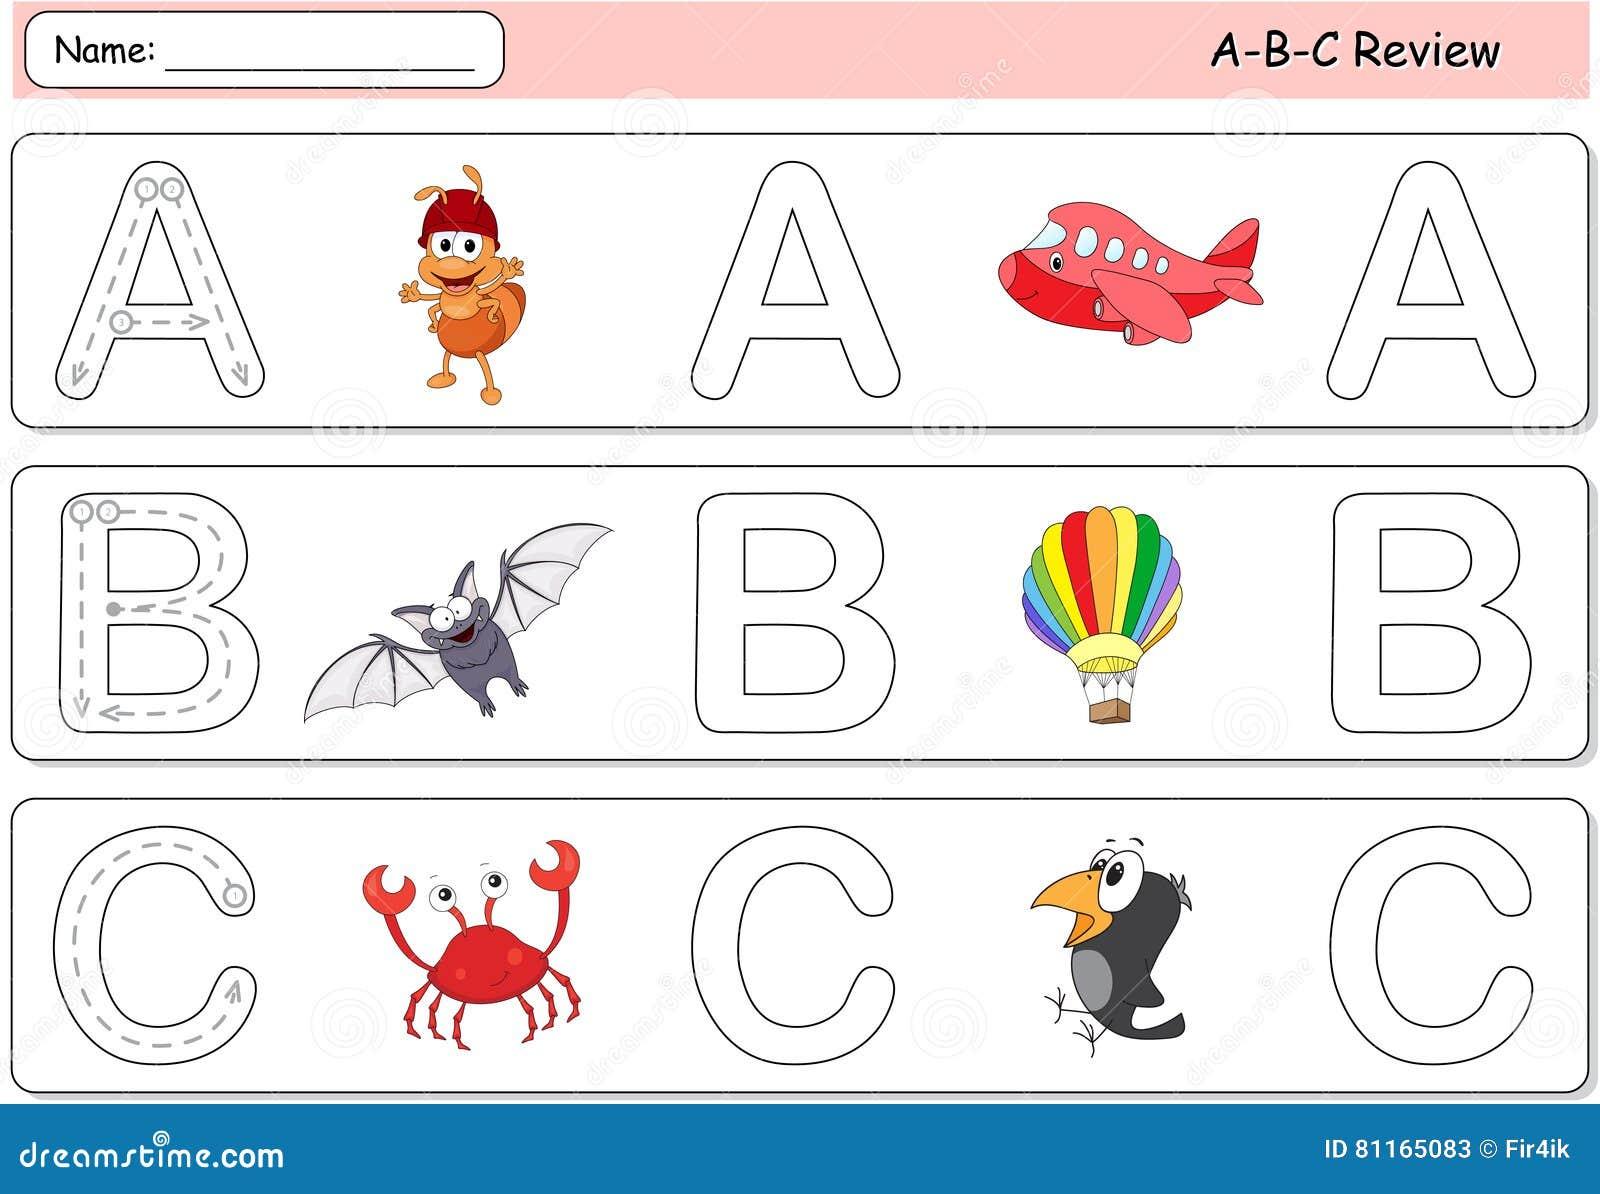 Cartoon Ant, Aircraft, Bat, Balloon, Crow And Crab